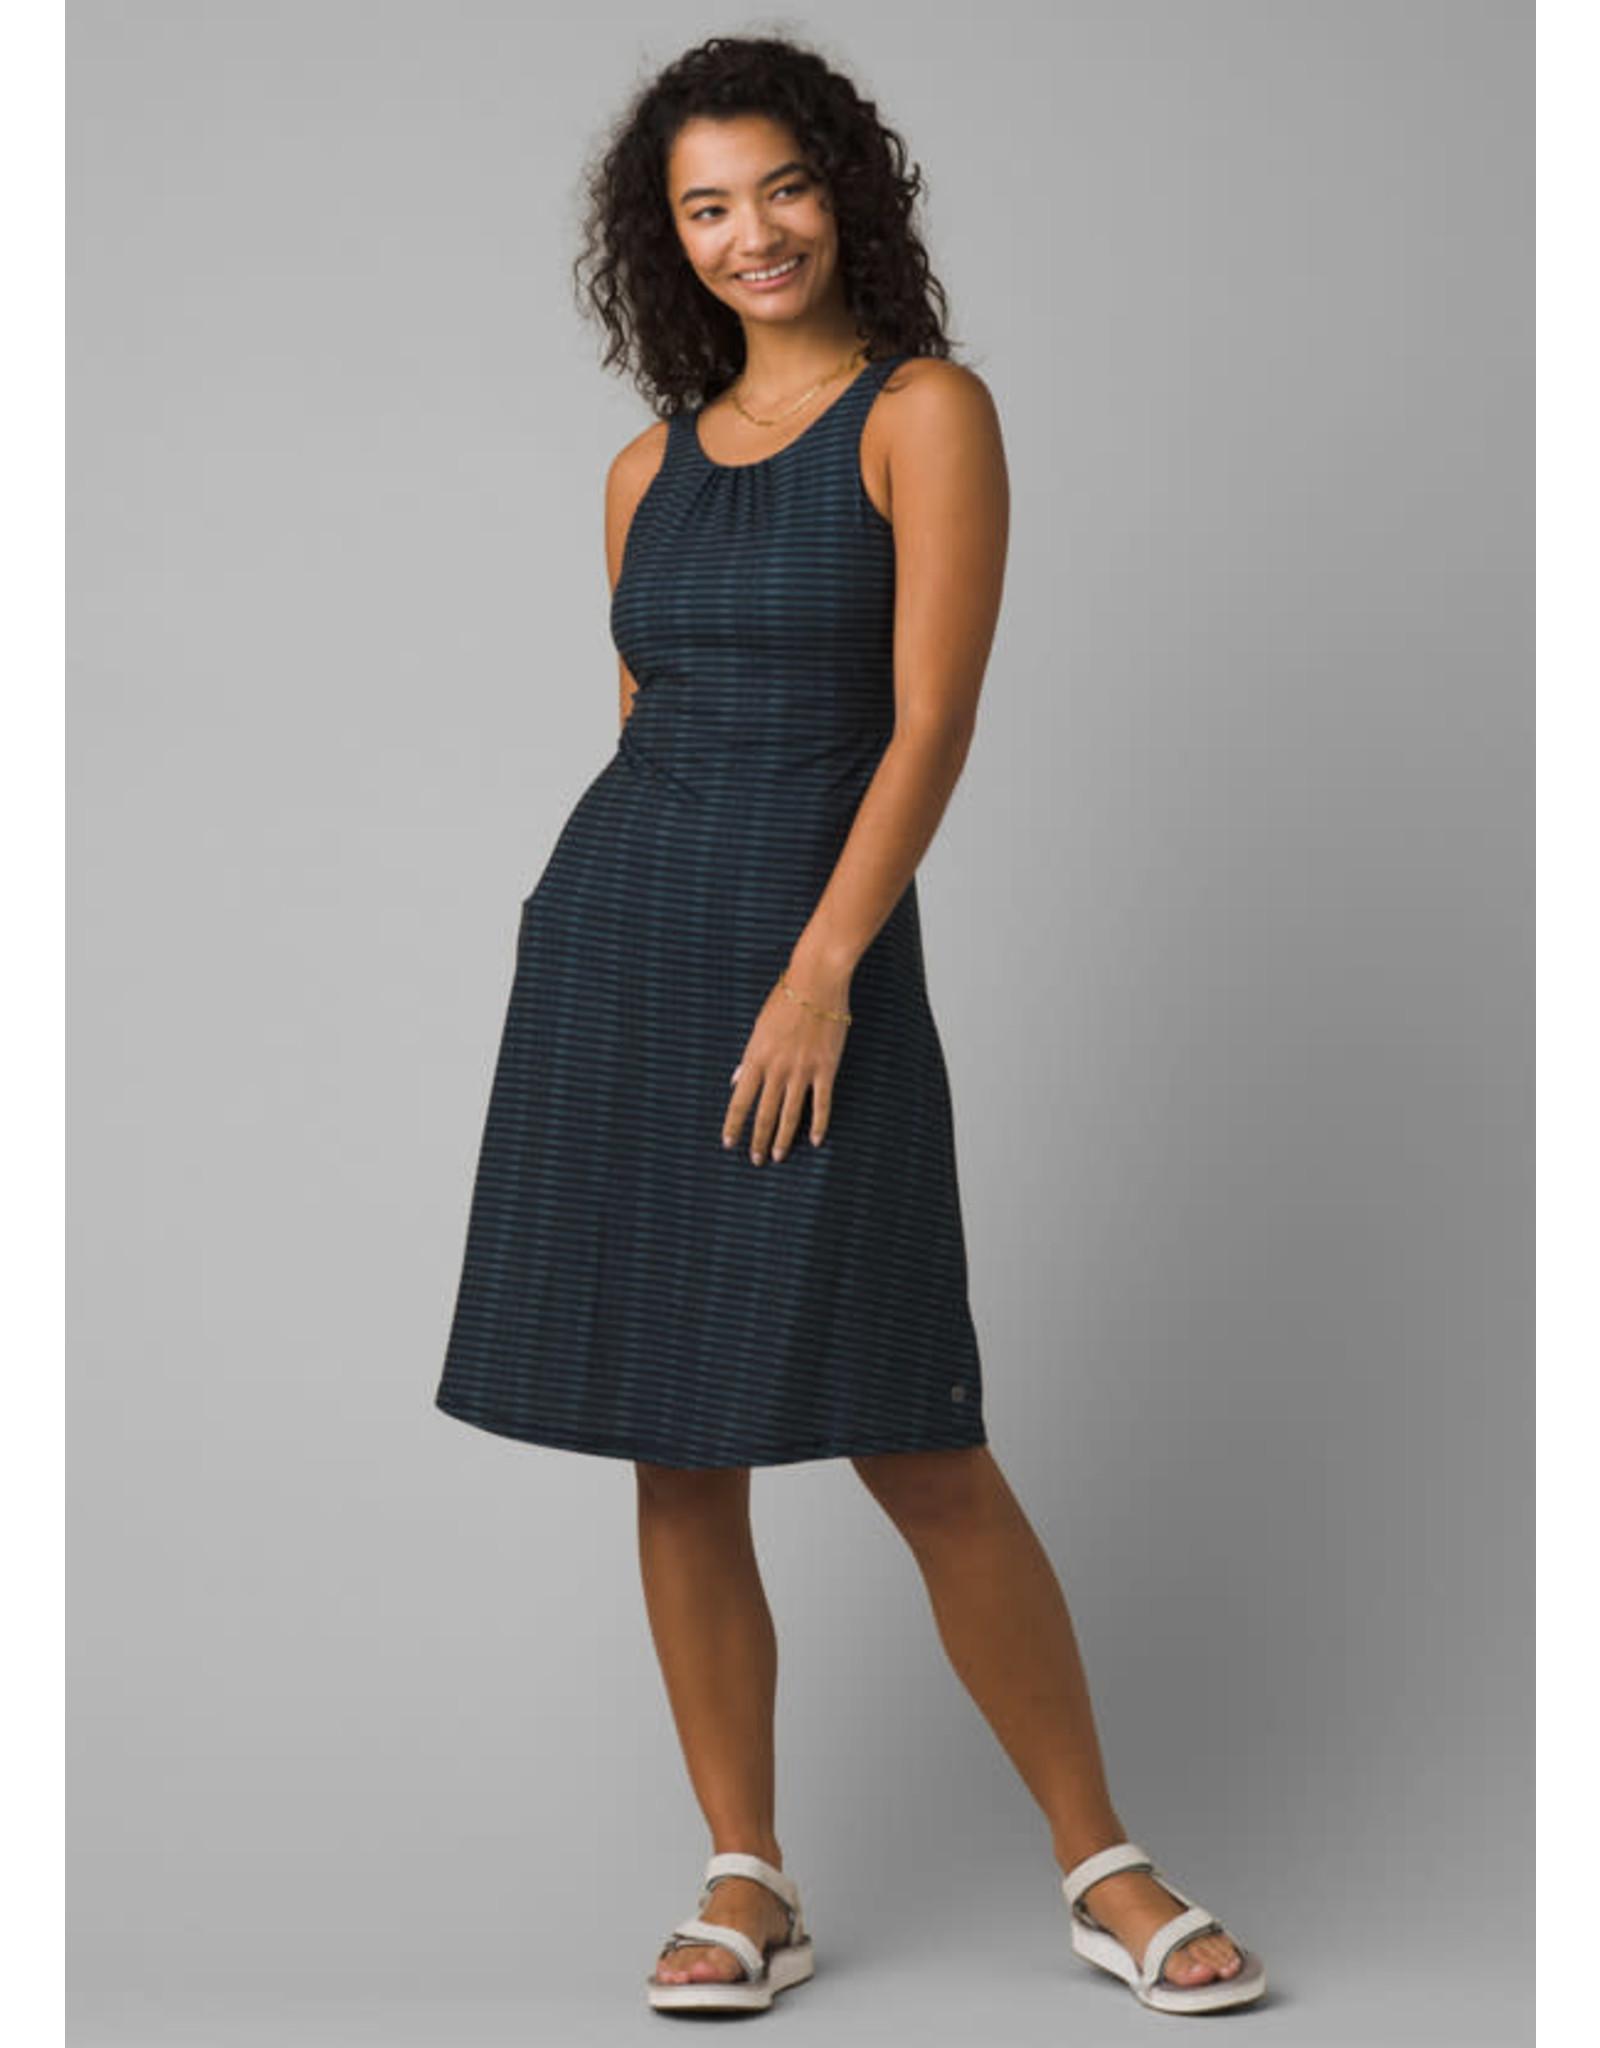 Prana Skypath Dress